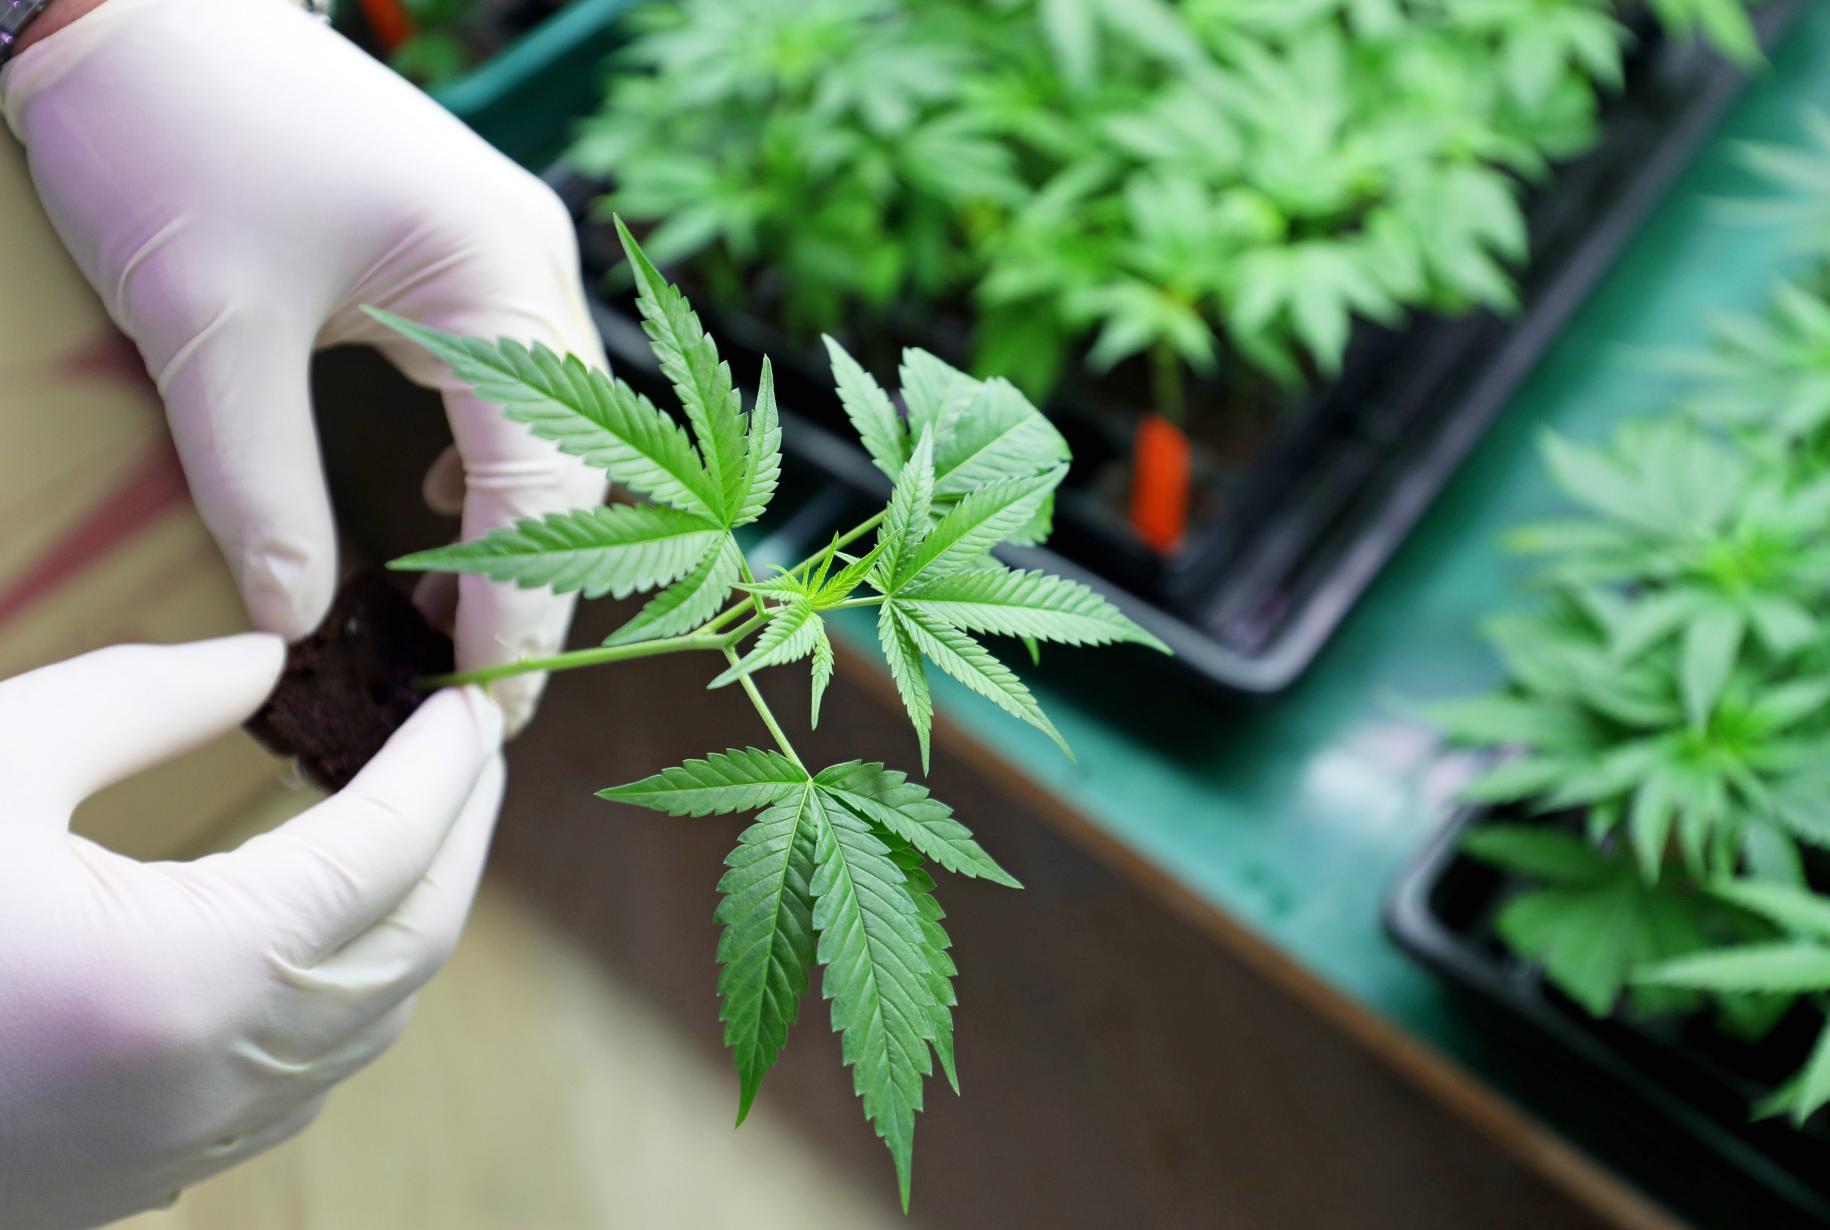 Cannabis terapeutica in Italia, le ultime novità dal Ministero della Salute